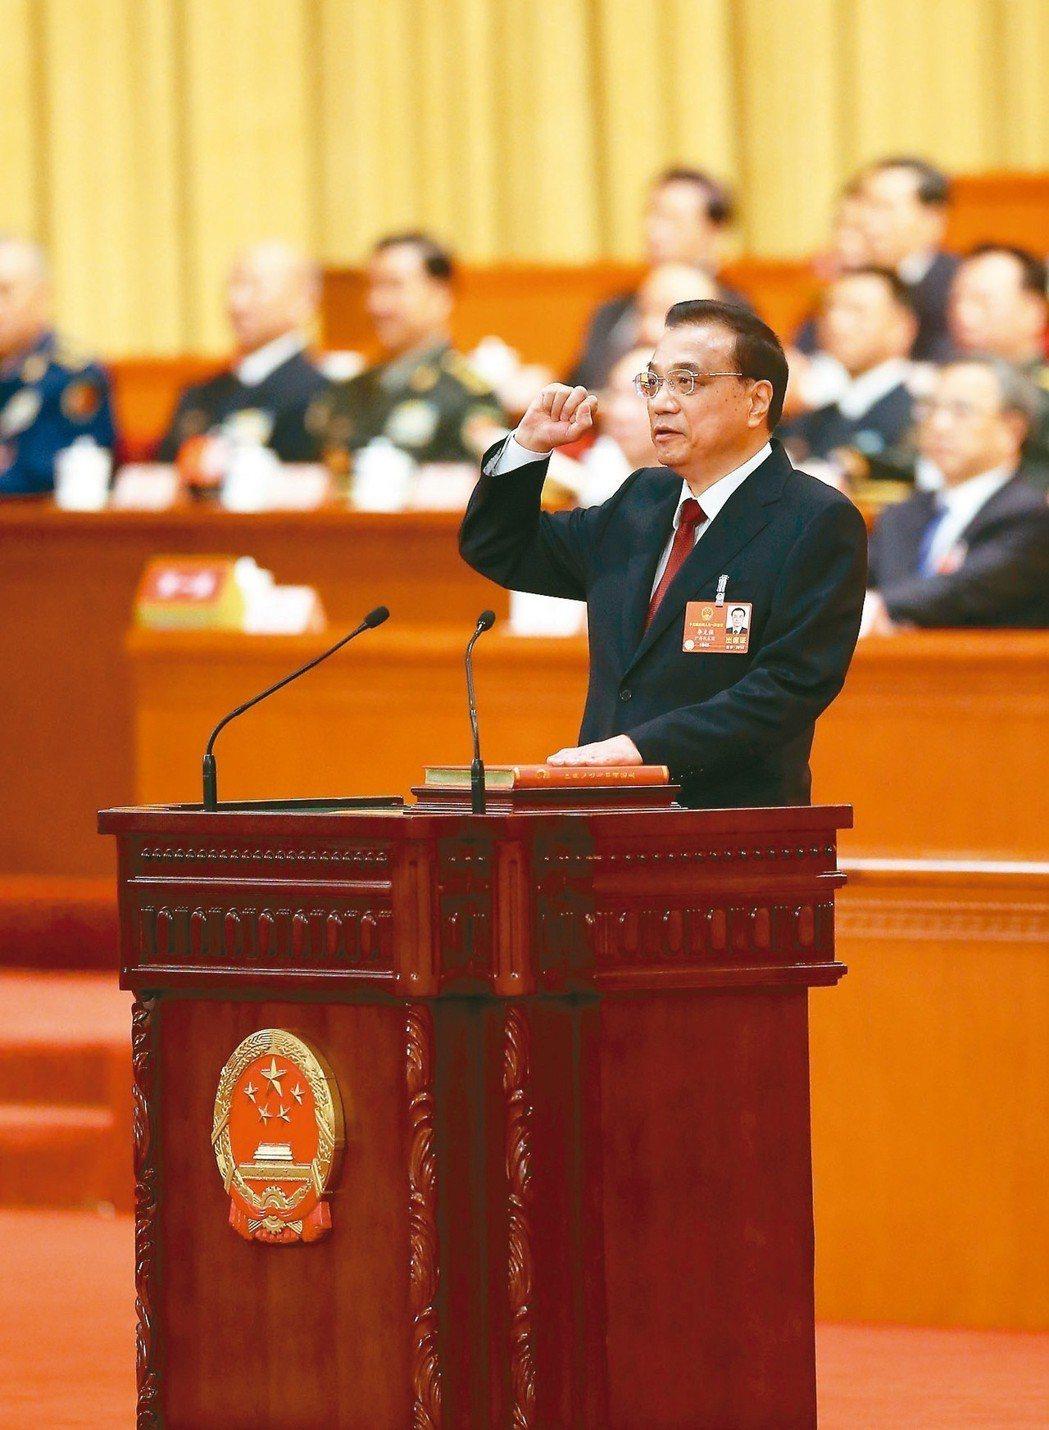 中共全國人大13屆一次大會昨天上午選出新一屆中共國務院總理,李克強高票當選,連任...